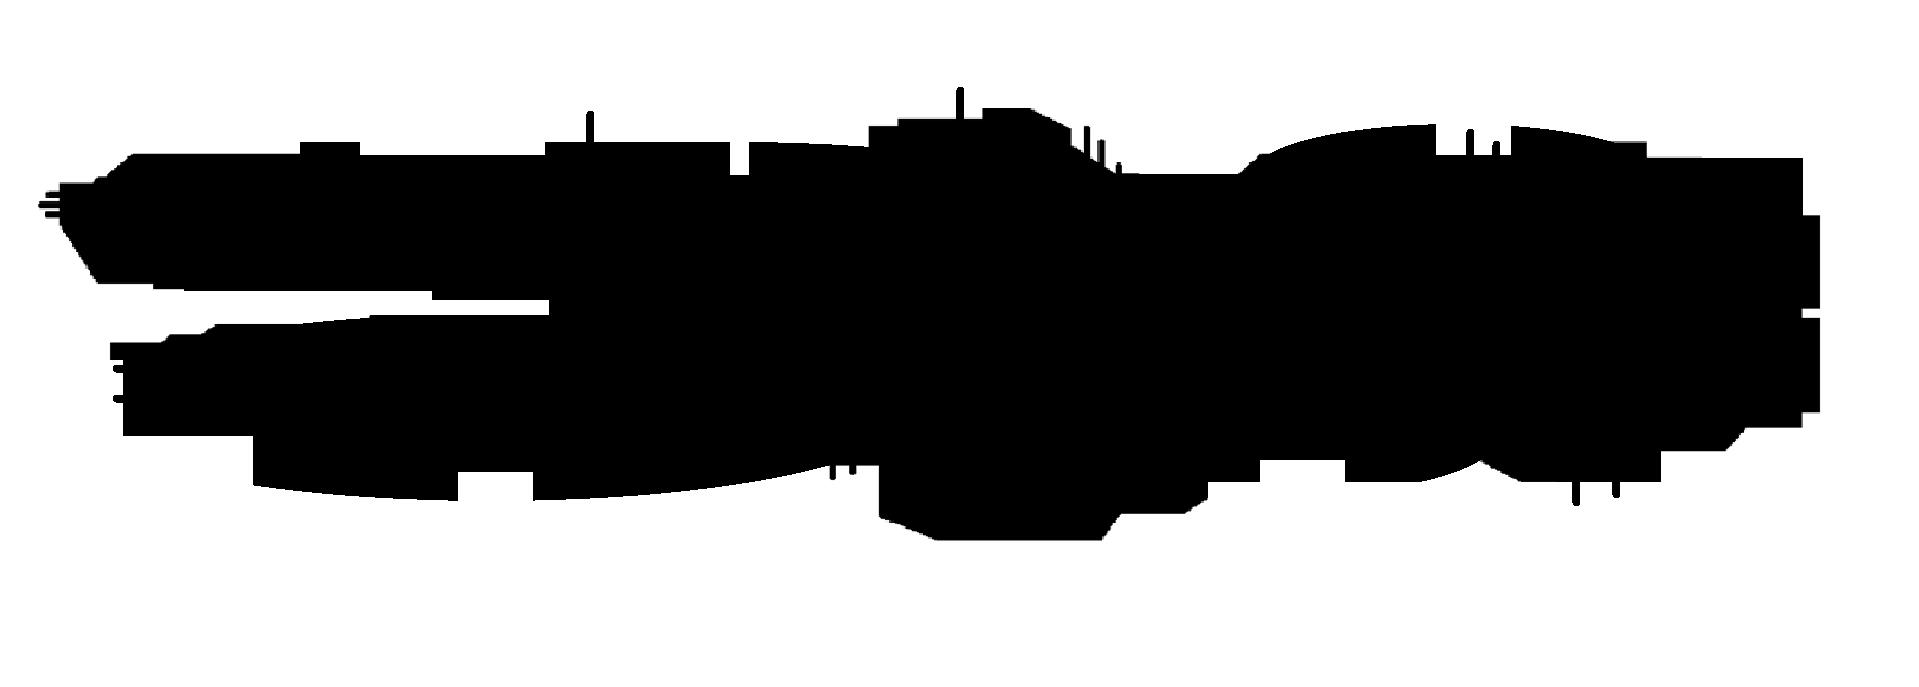 Quetzalcoatl-class light frigate